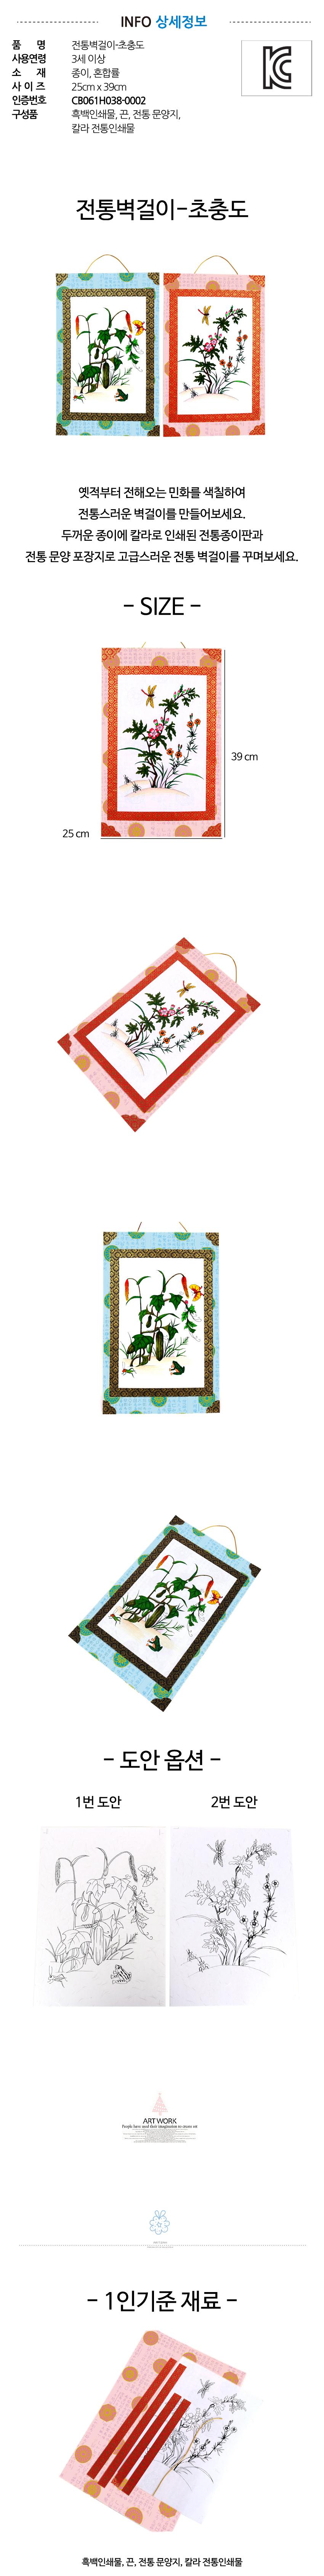 전통벽걸이-초충도 5인용 - 미술샘, 9,000원, 종이공예/북아트, 종이공예 패키지